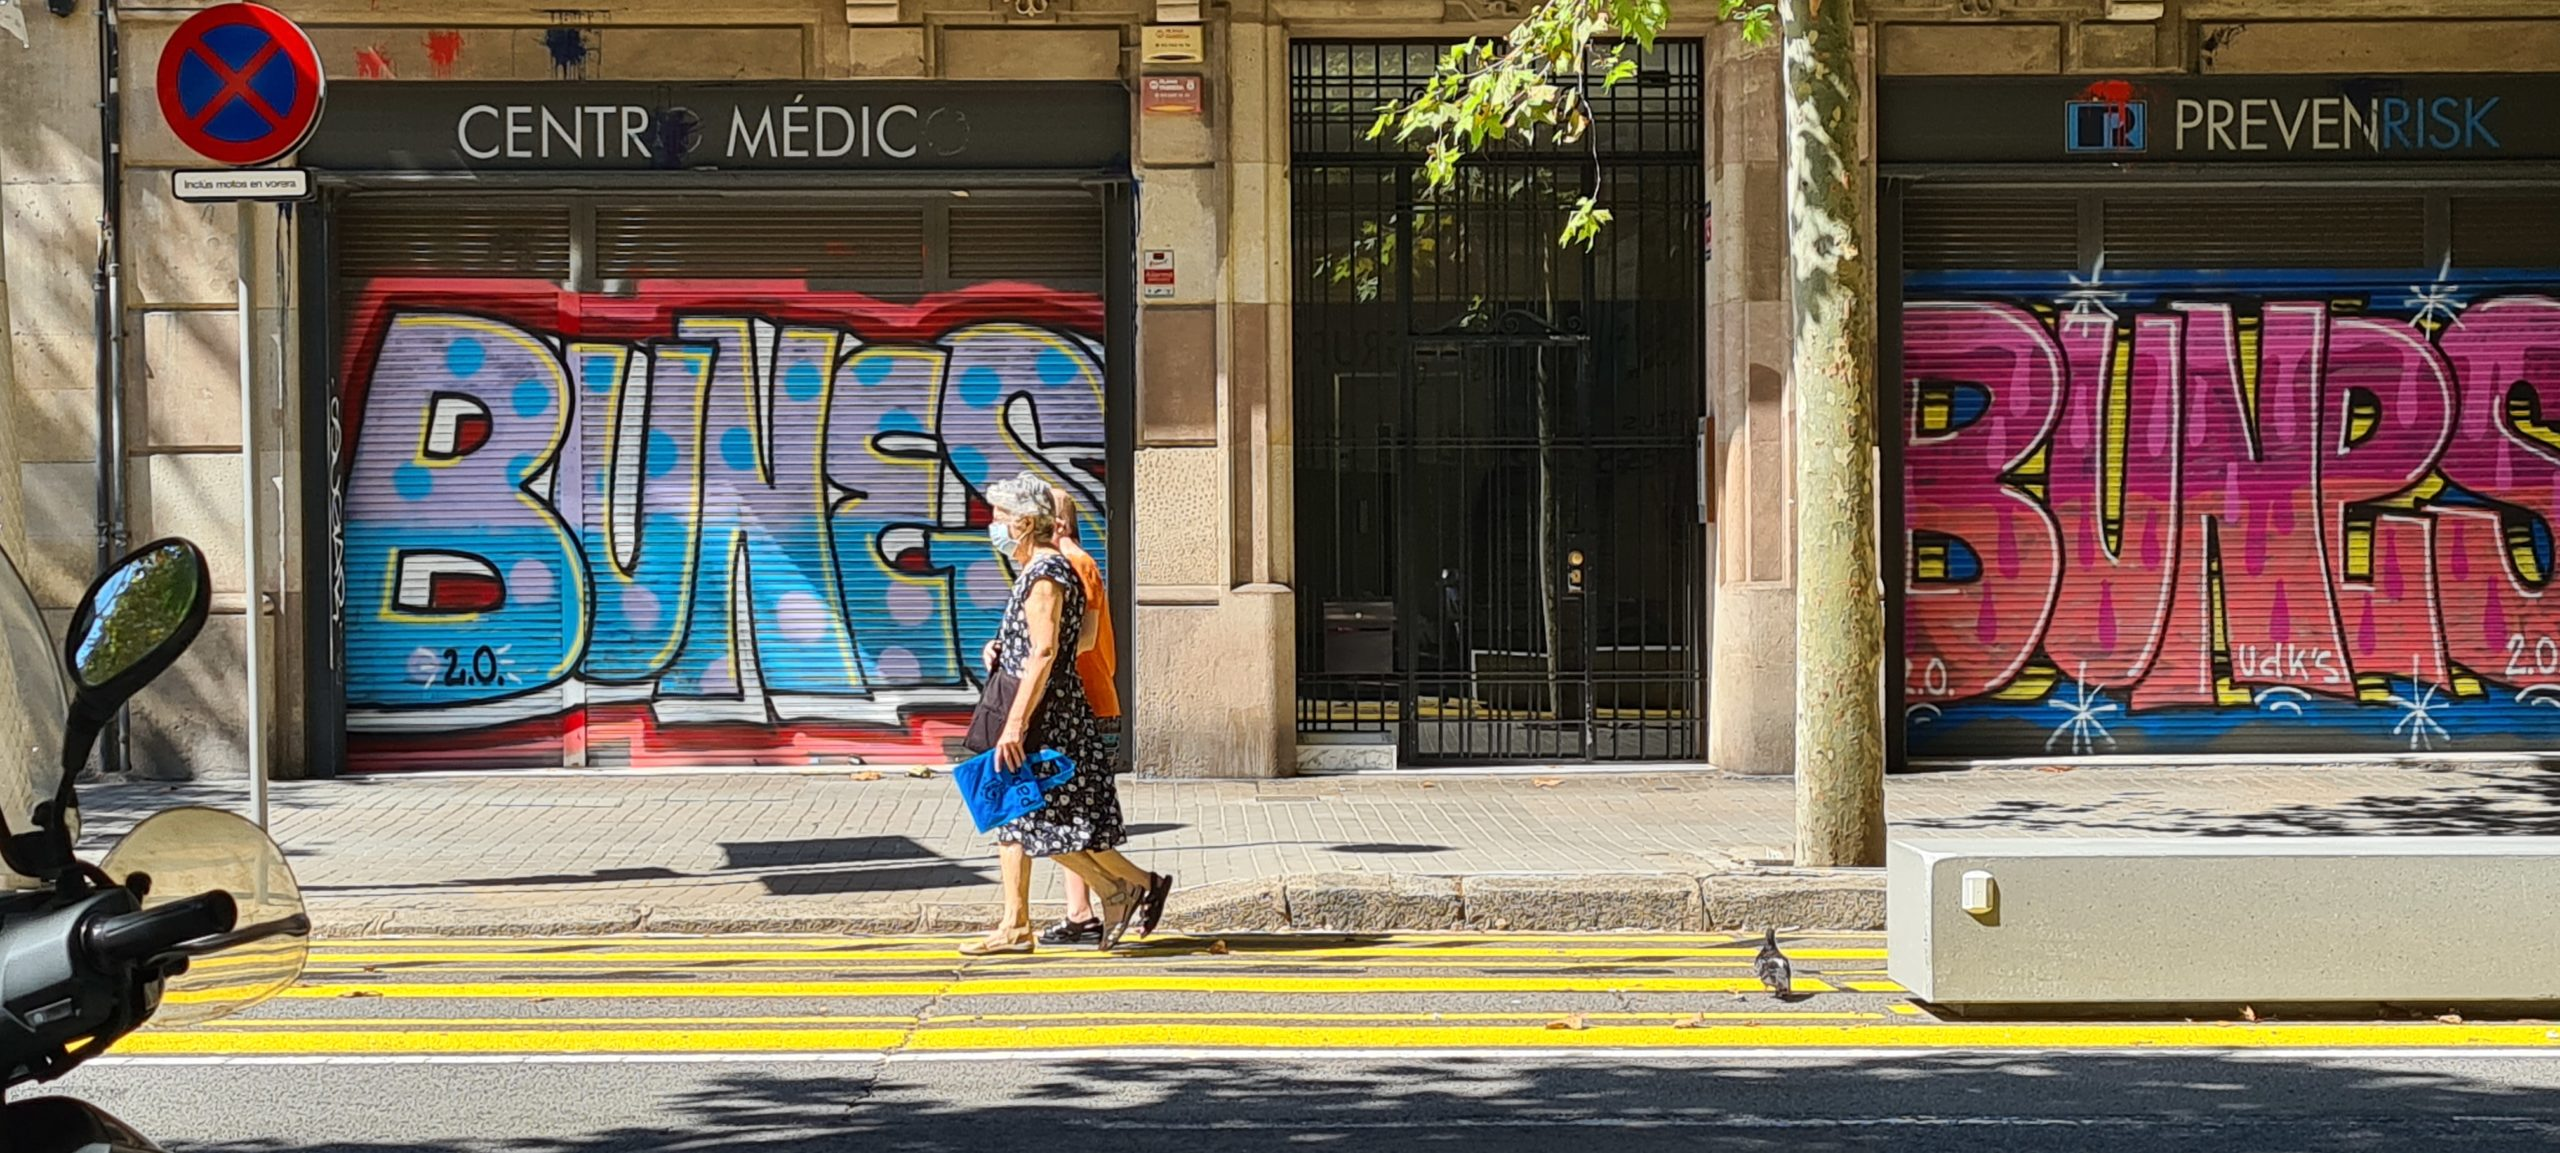 Le Covid, accélérateur de mobilités douces à Barcelone ?